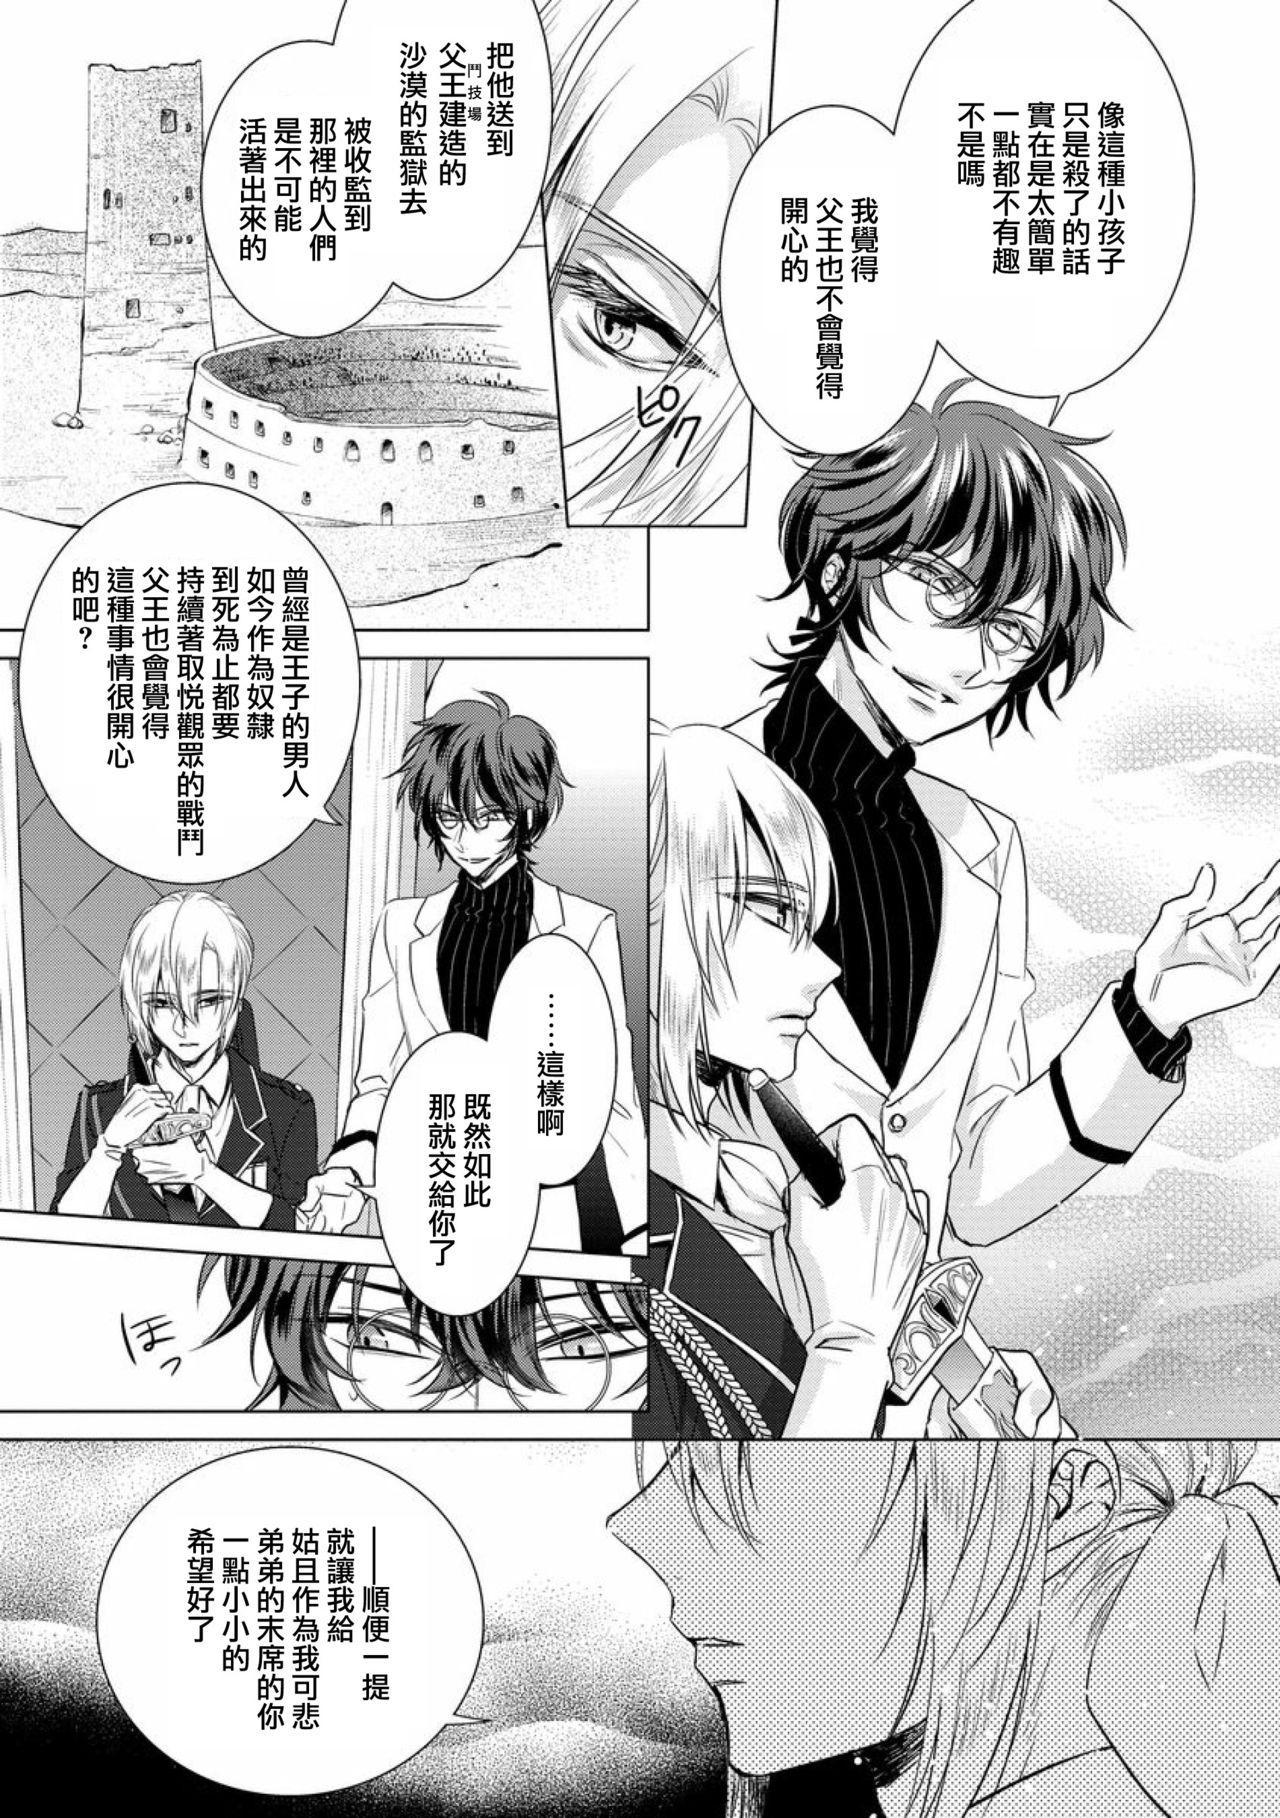 [Saotome Mokono] Kyououji no Ibitsu na Shuuai ~Nyotaika Knight no Totsukitooka~ Ch. 12 [Chinese] [瑞树汉化组] [Digital] 26